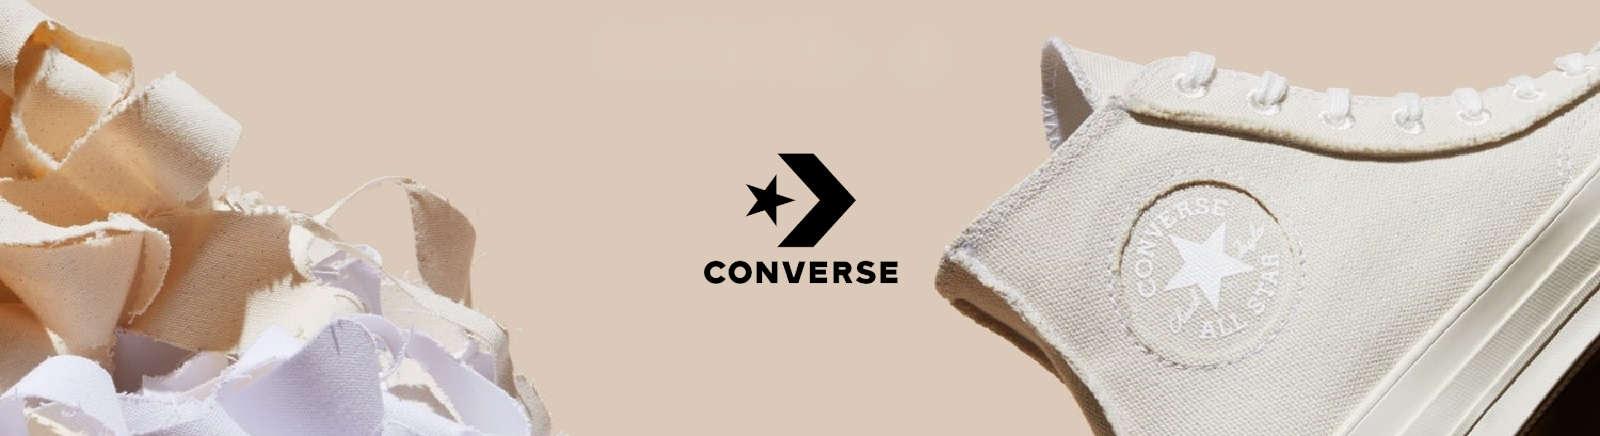 Converse Damenschuhe online entdecken im Juppen Schuhe Shop